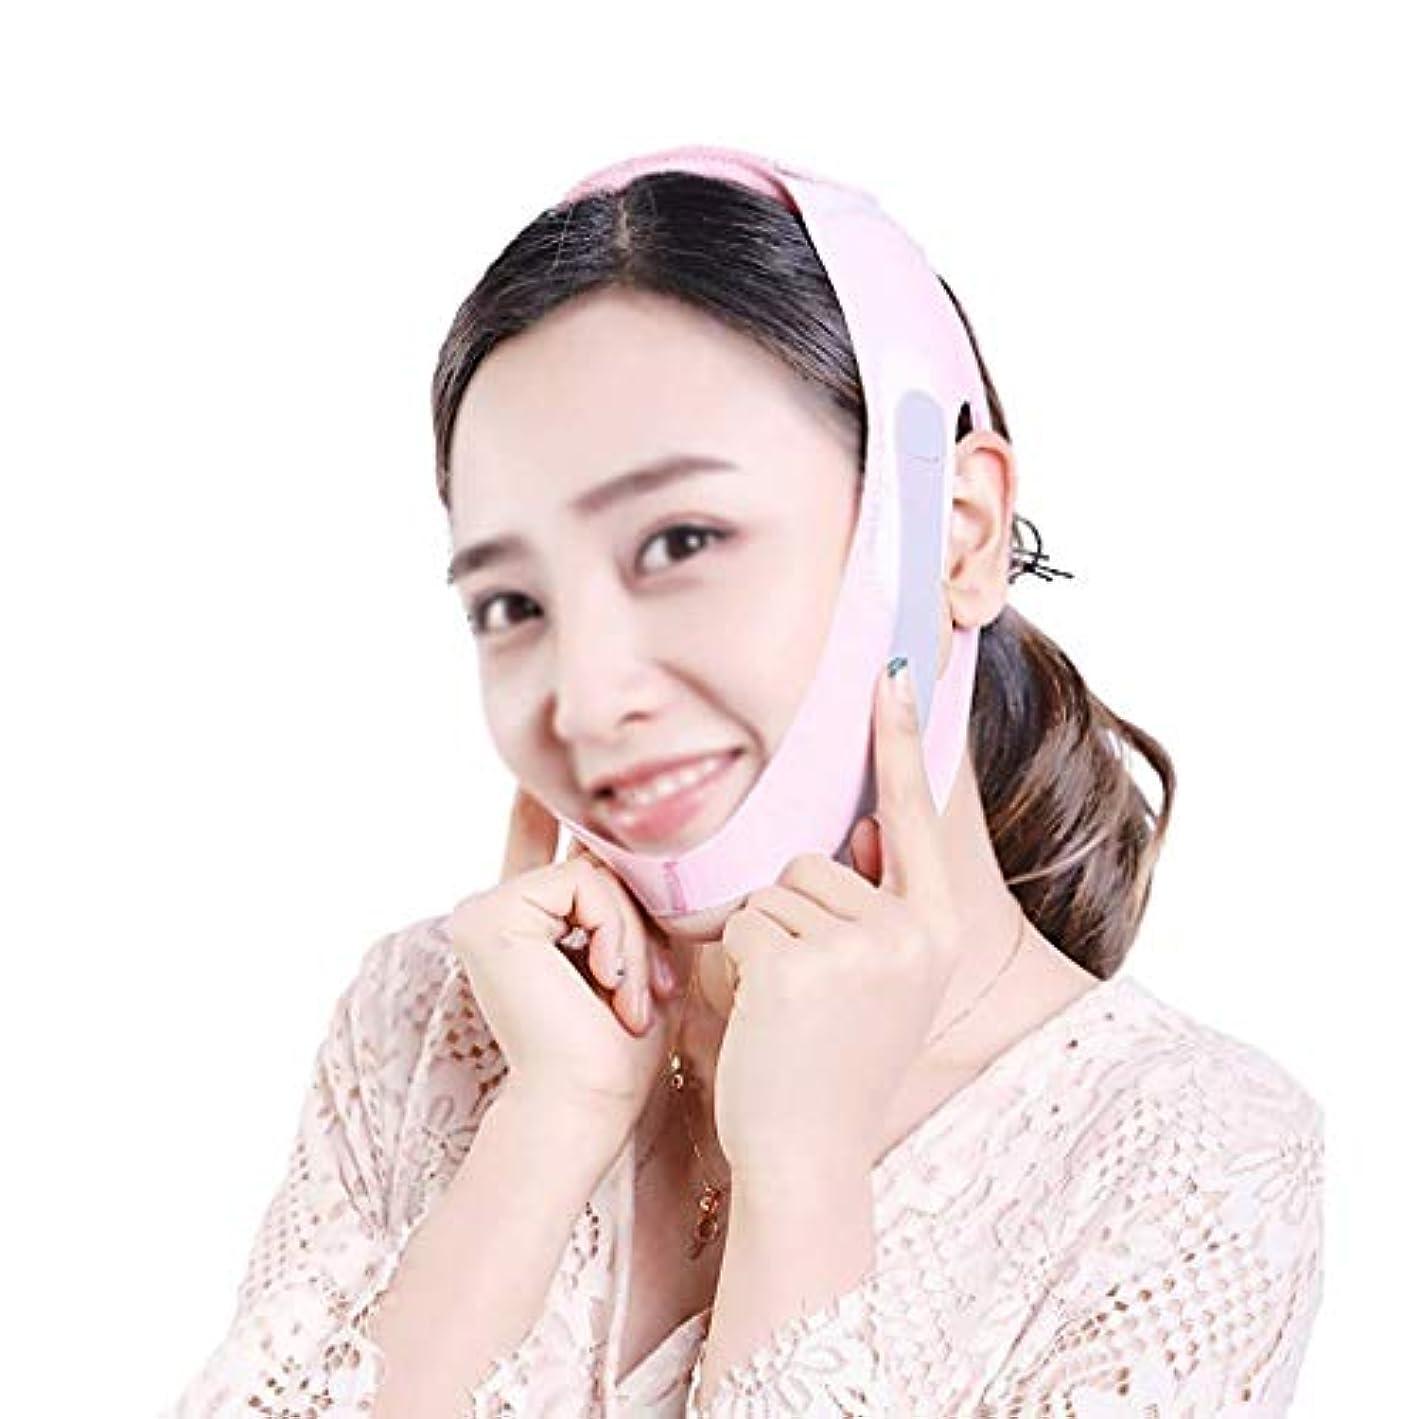 アルミニウム聴く強化フェイシャルマスク、フェイスリフティングアーティファクトバンデージリムーバーダブルチンスティックリフティングタイトマッセスターマッスルリフティングフェイスフォーサギングスリミングベルト